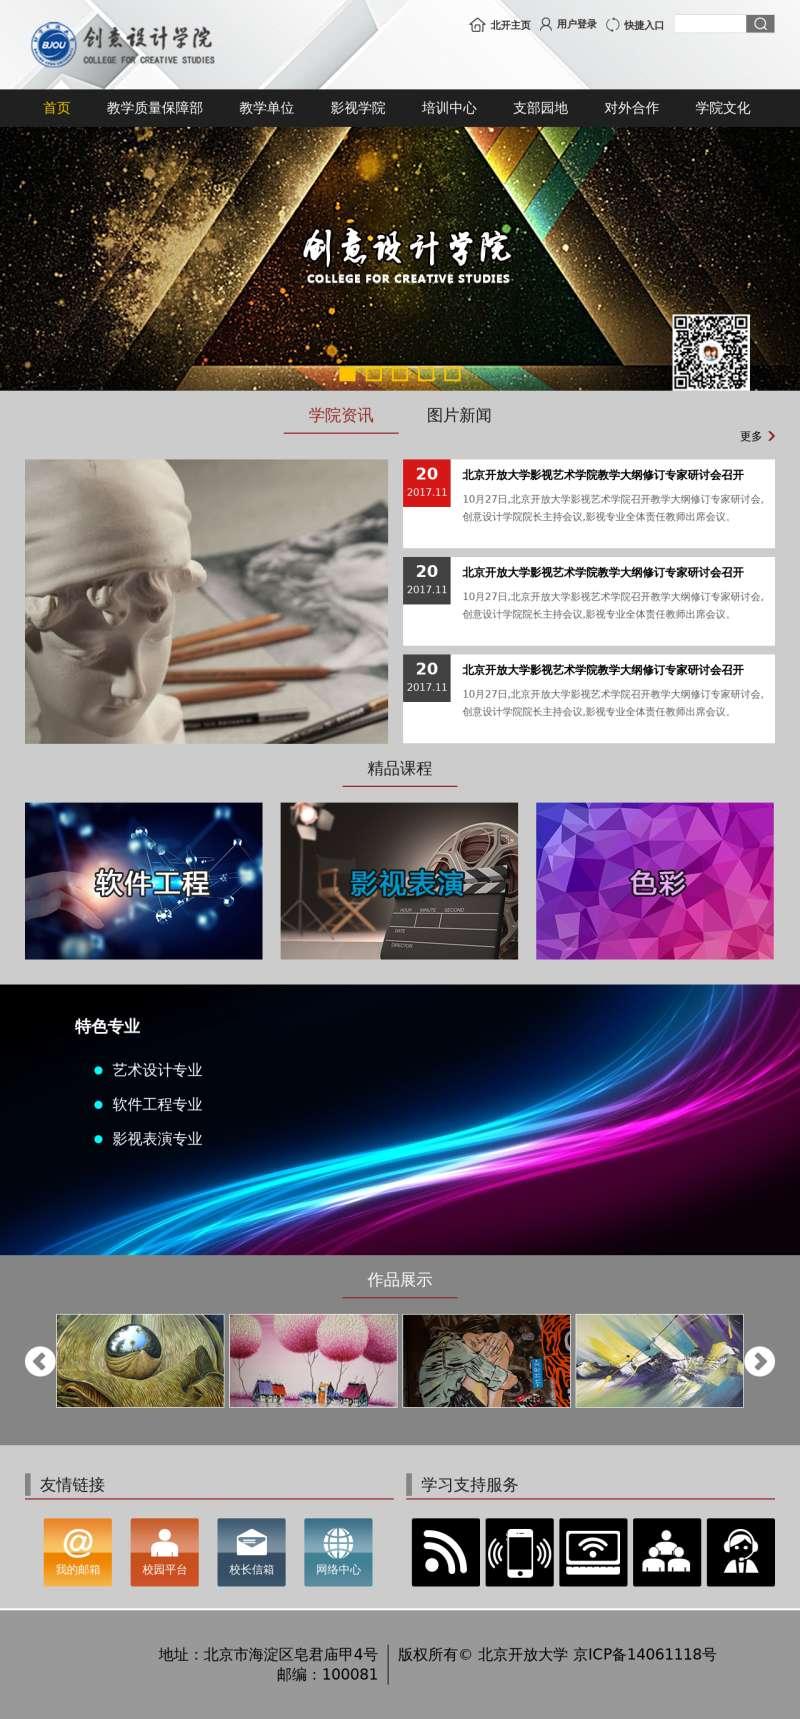 创意的艺术系学院官方网站模板